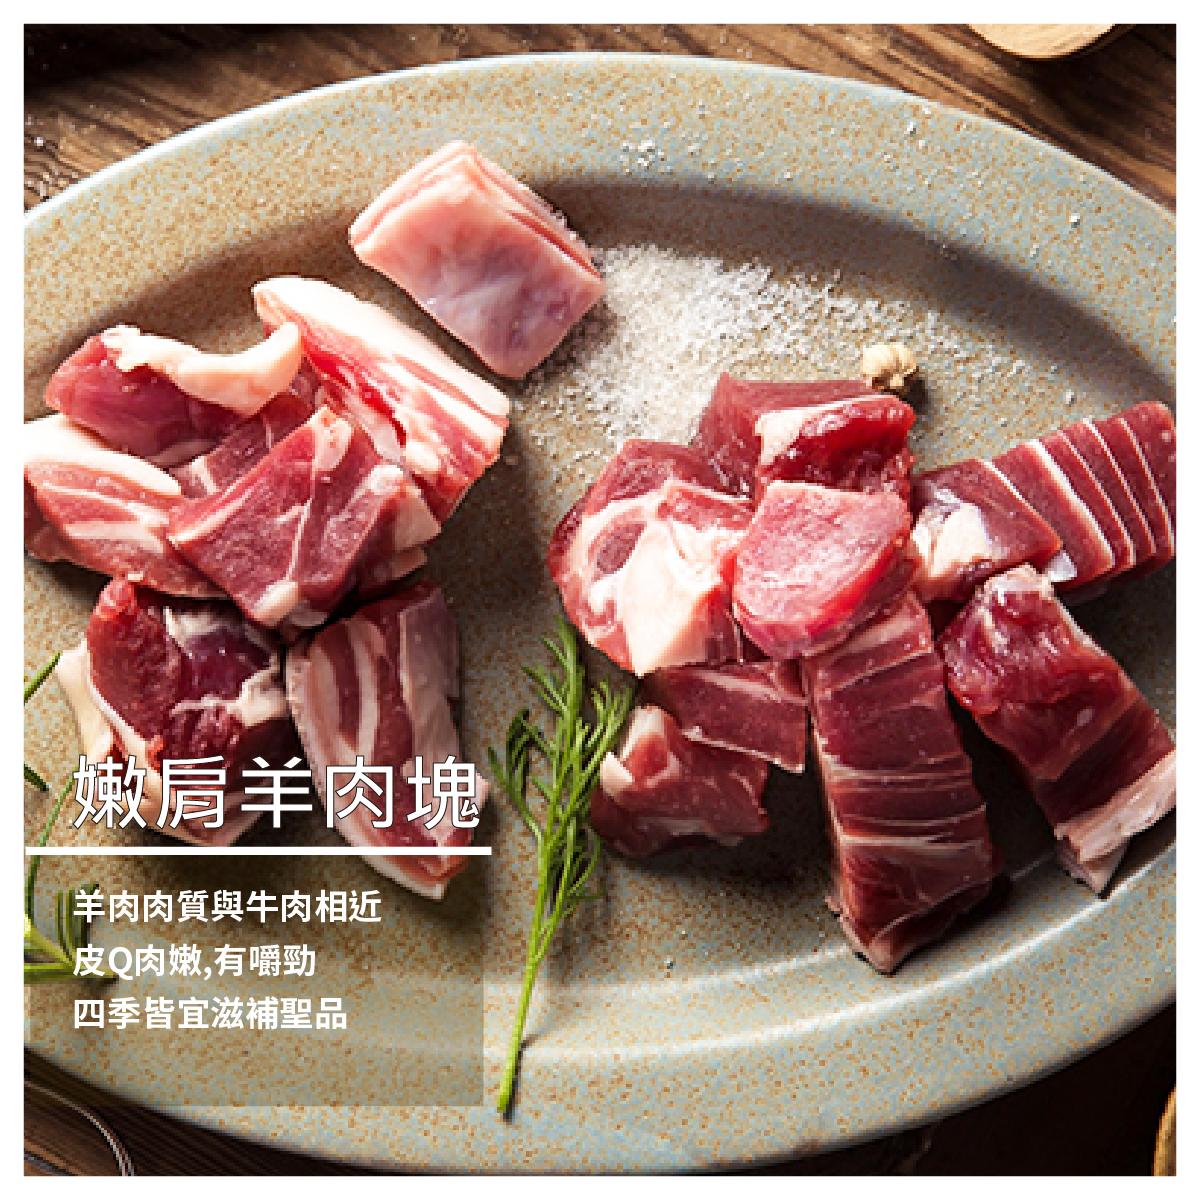 【豐園羊牧場】嫩肩羊肉塊/400g